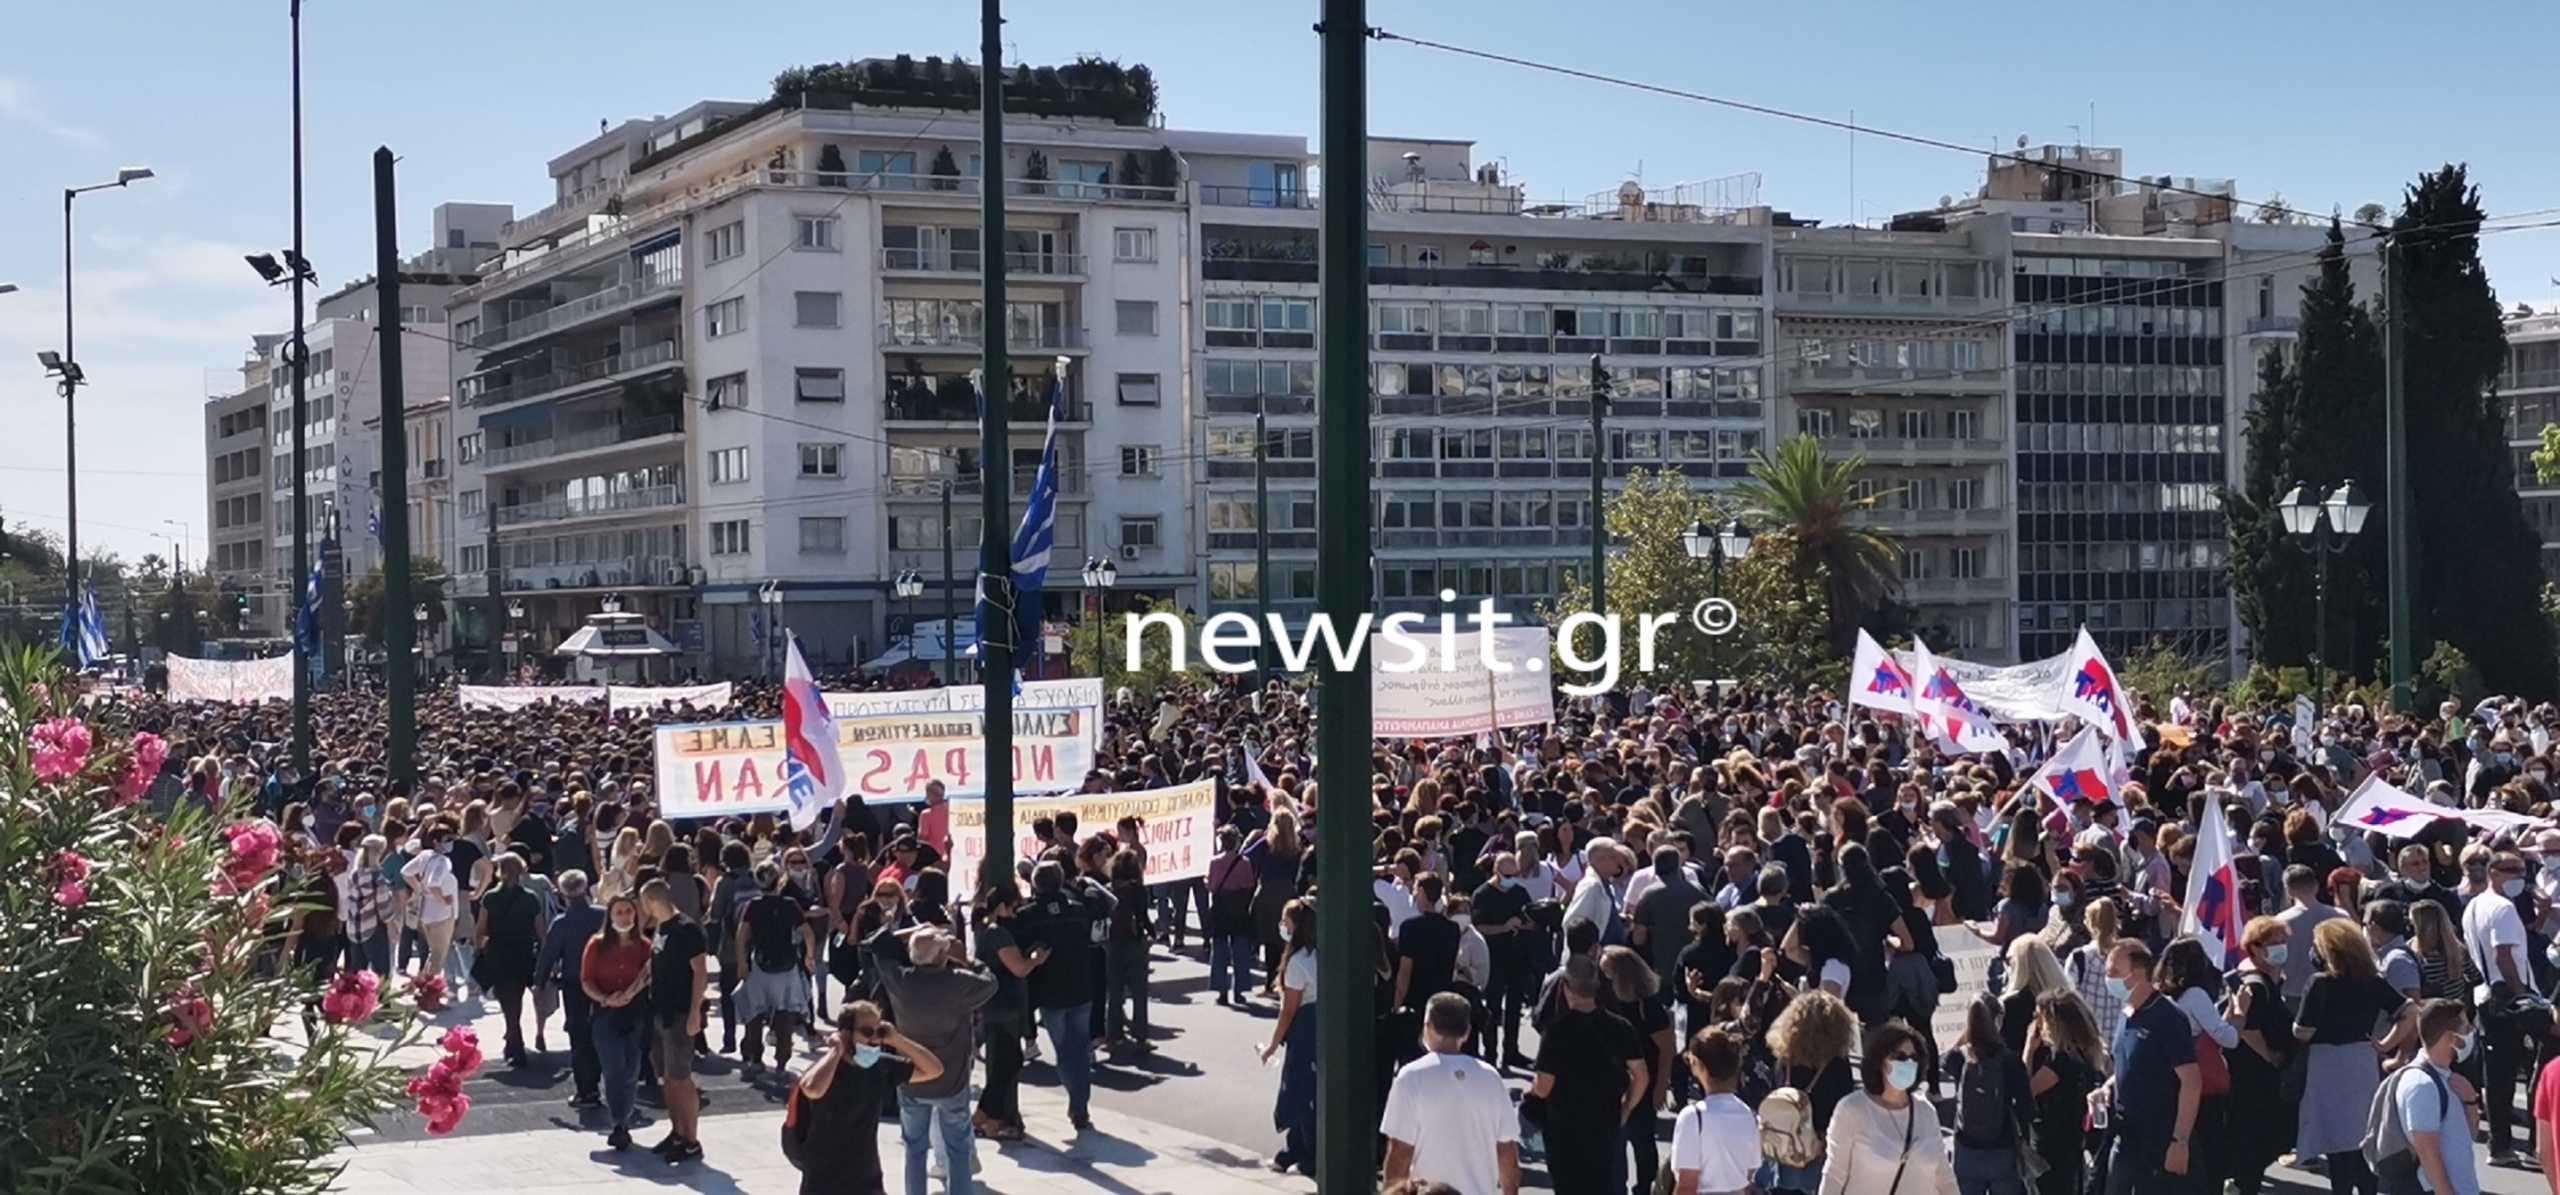 Απεργία εκπαιδευτικών: Συλλαλητήριο έξω από το Εφετείο – Καθηγητές και μαθητές διαδήλωσαν στο Σύνταγμα